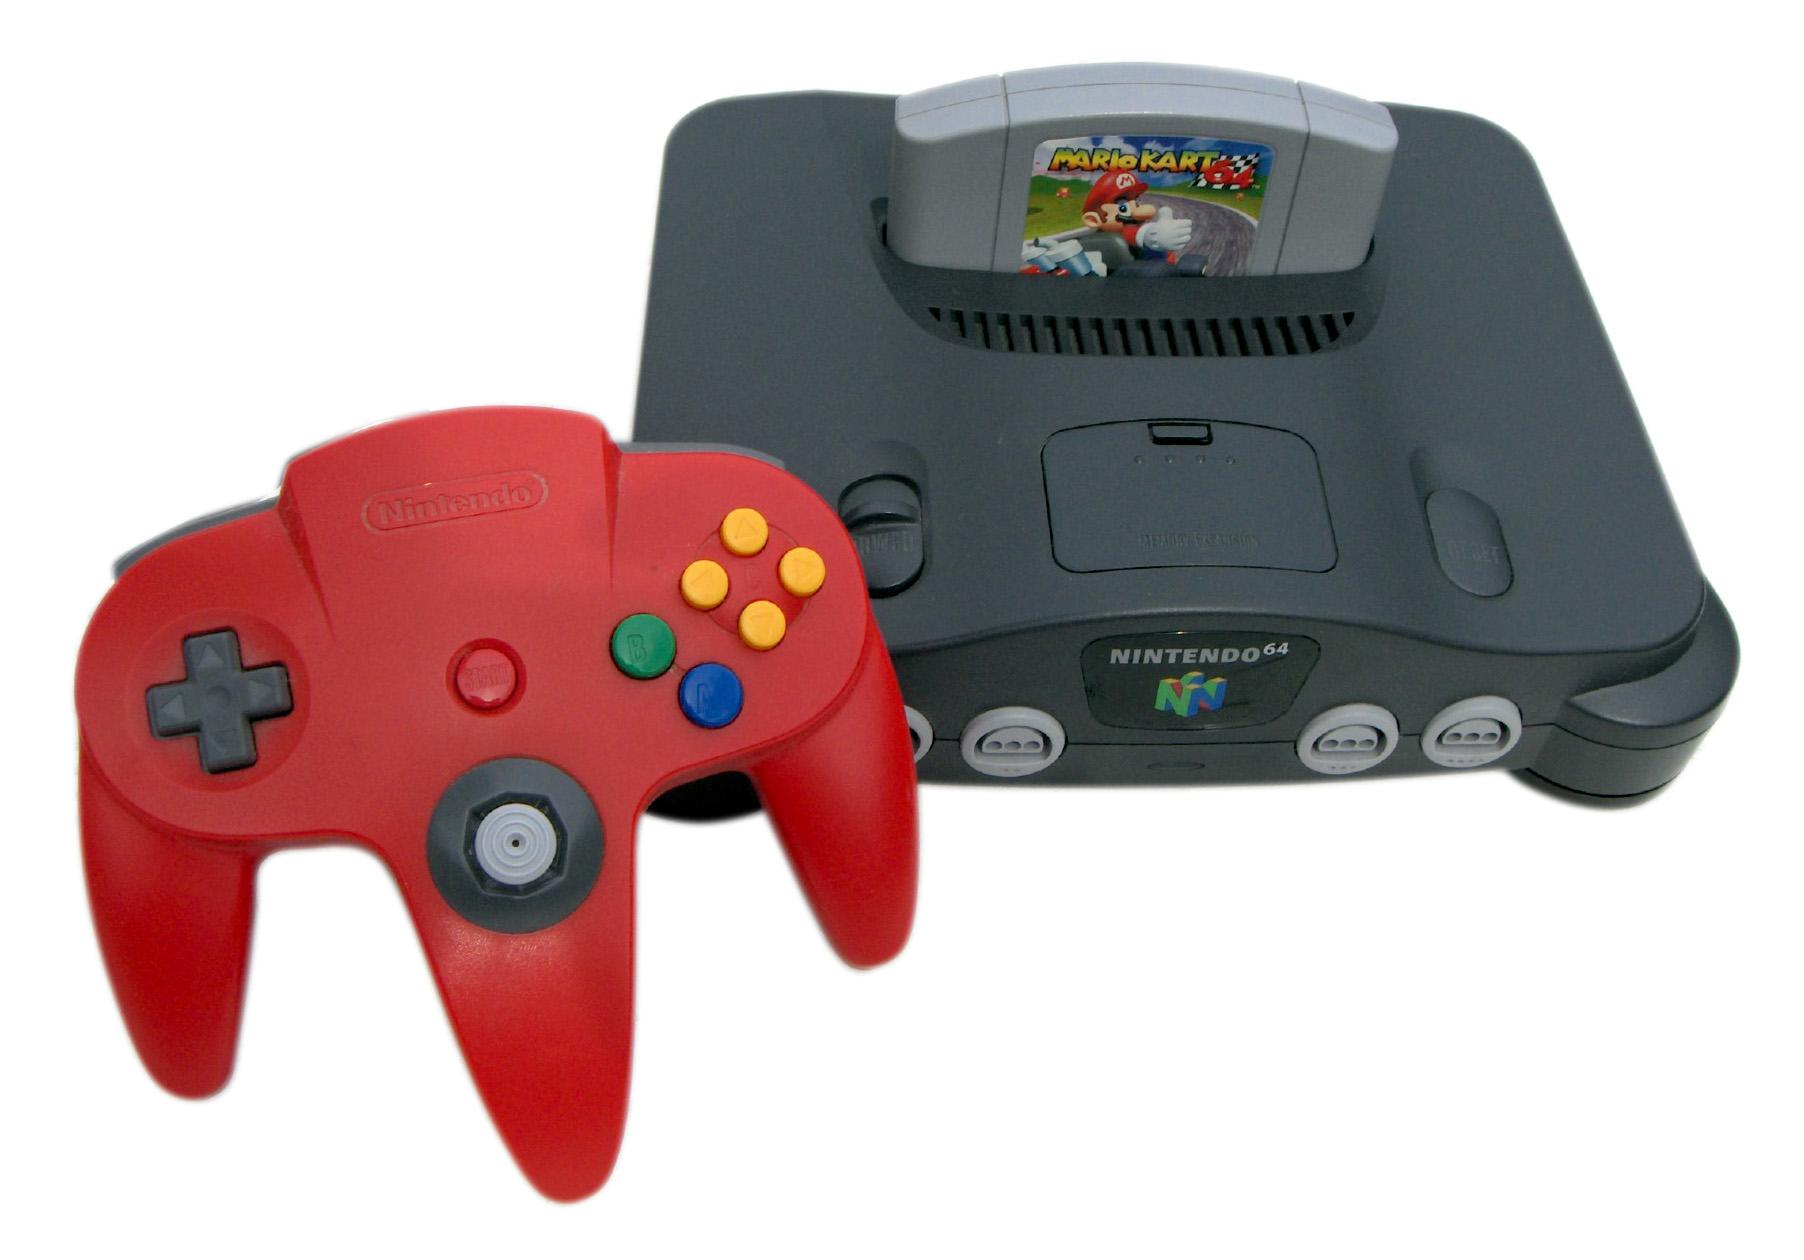 Nintendo 64   Arwingpedia   Fandom powered by Wikia